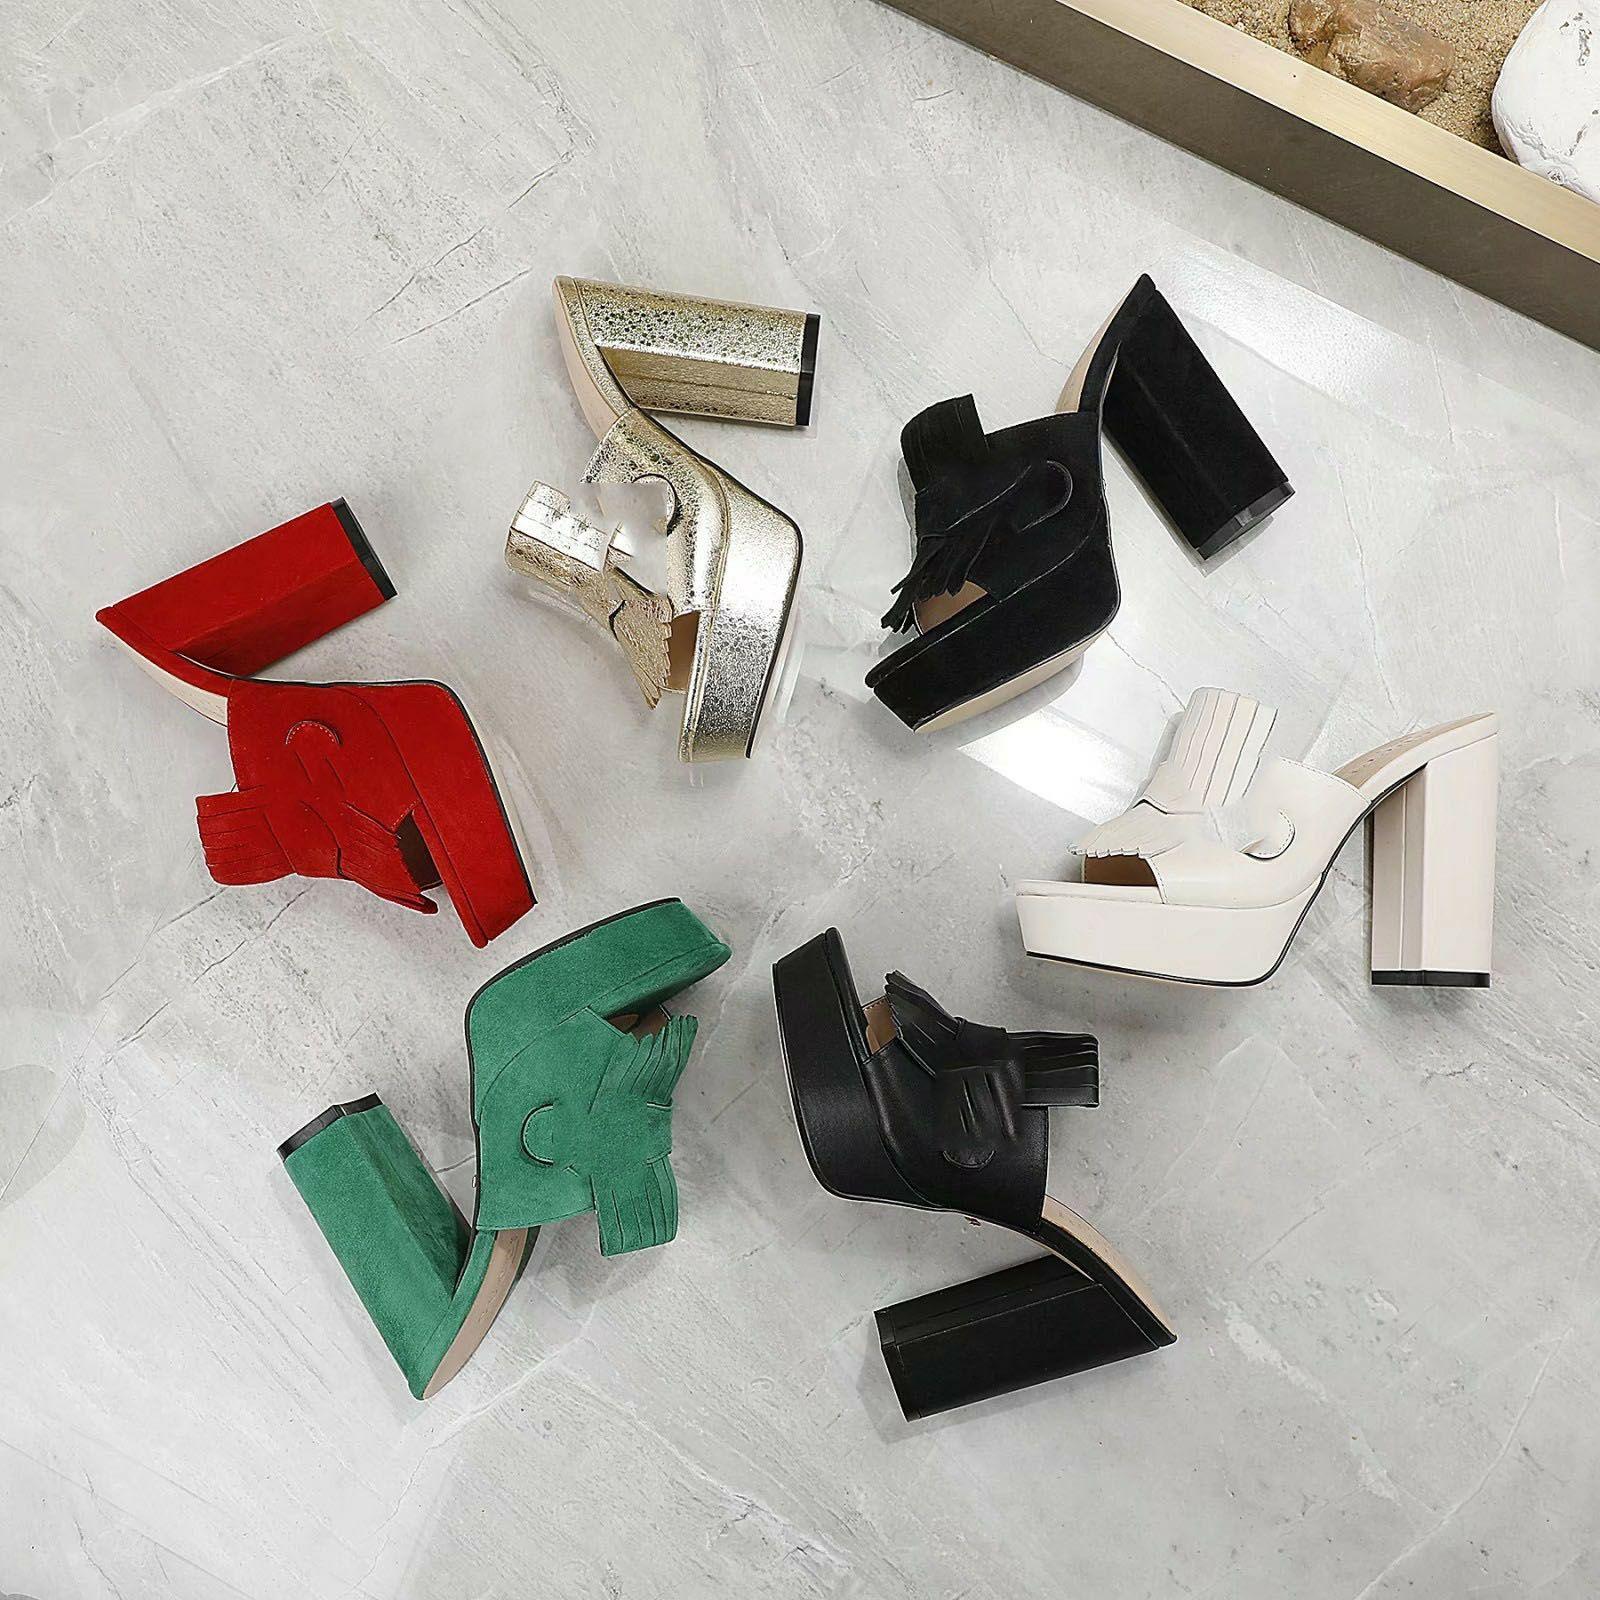 2020 Mode Femme Haute Talons Slides Girls Casual Chunky Heel Sandales Bureau Lady Outdoor Soft En Cuir Sous-Platefères Pantoufles 35-42 # G11